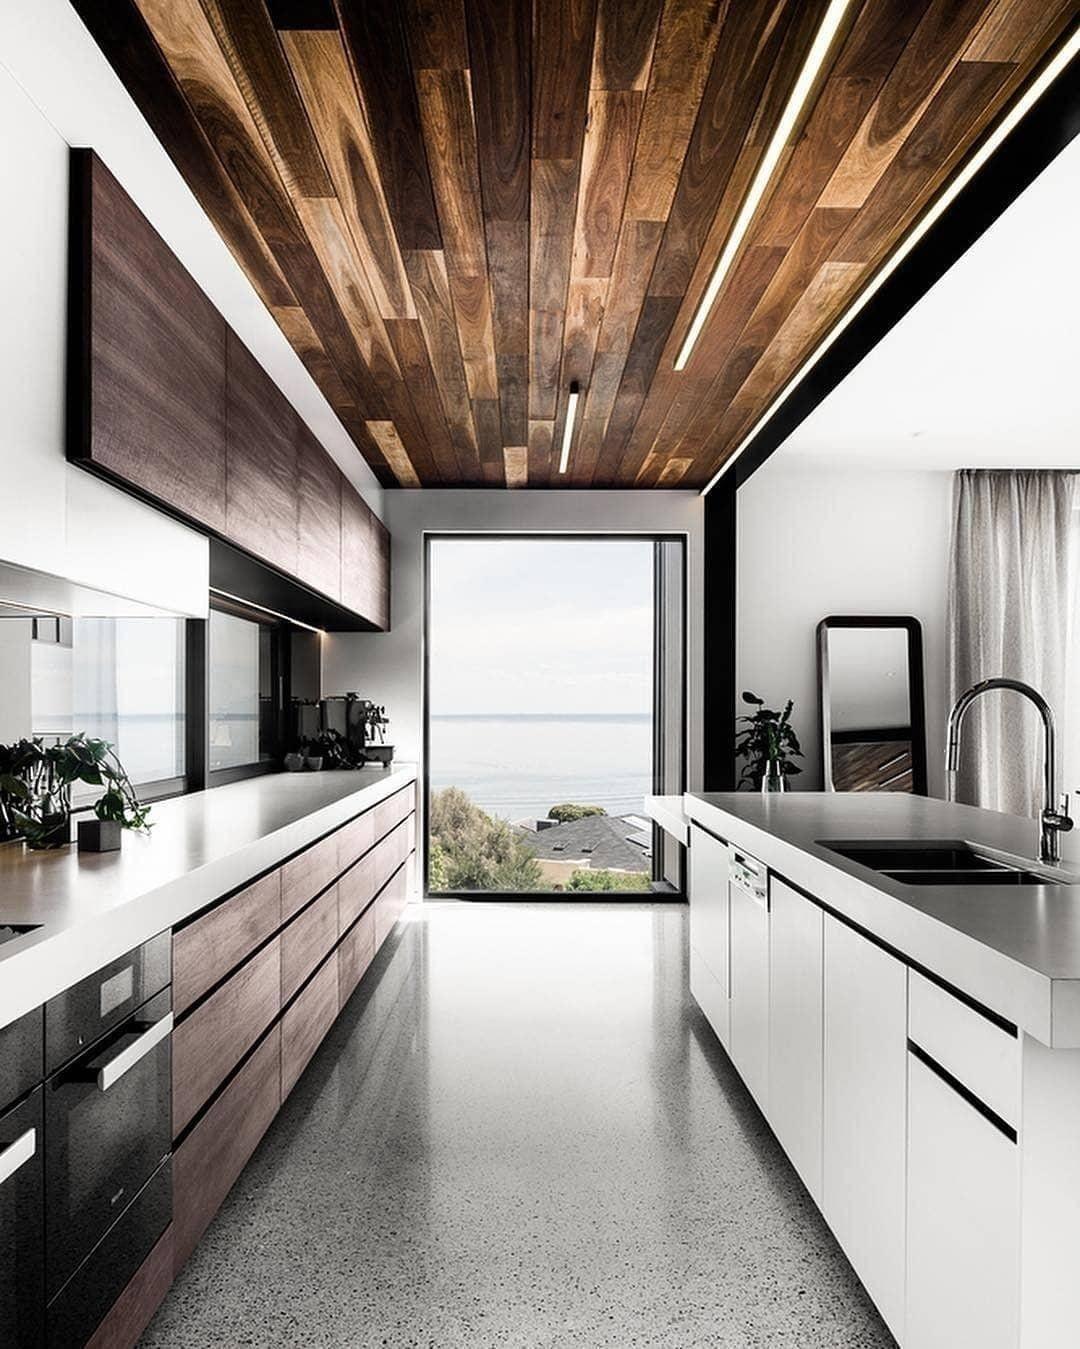 O que você acha desta cozinha? ESCREVA seu comentário e SIGA-NOS em @puntogar ⠀ . ...